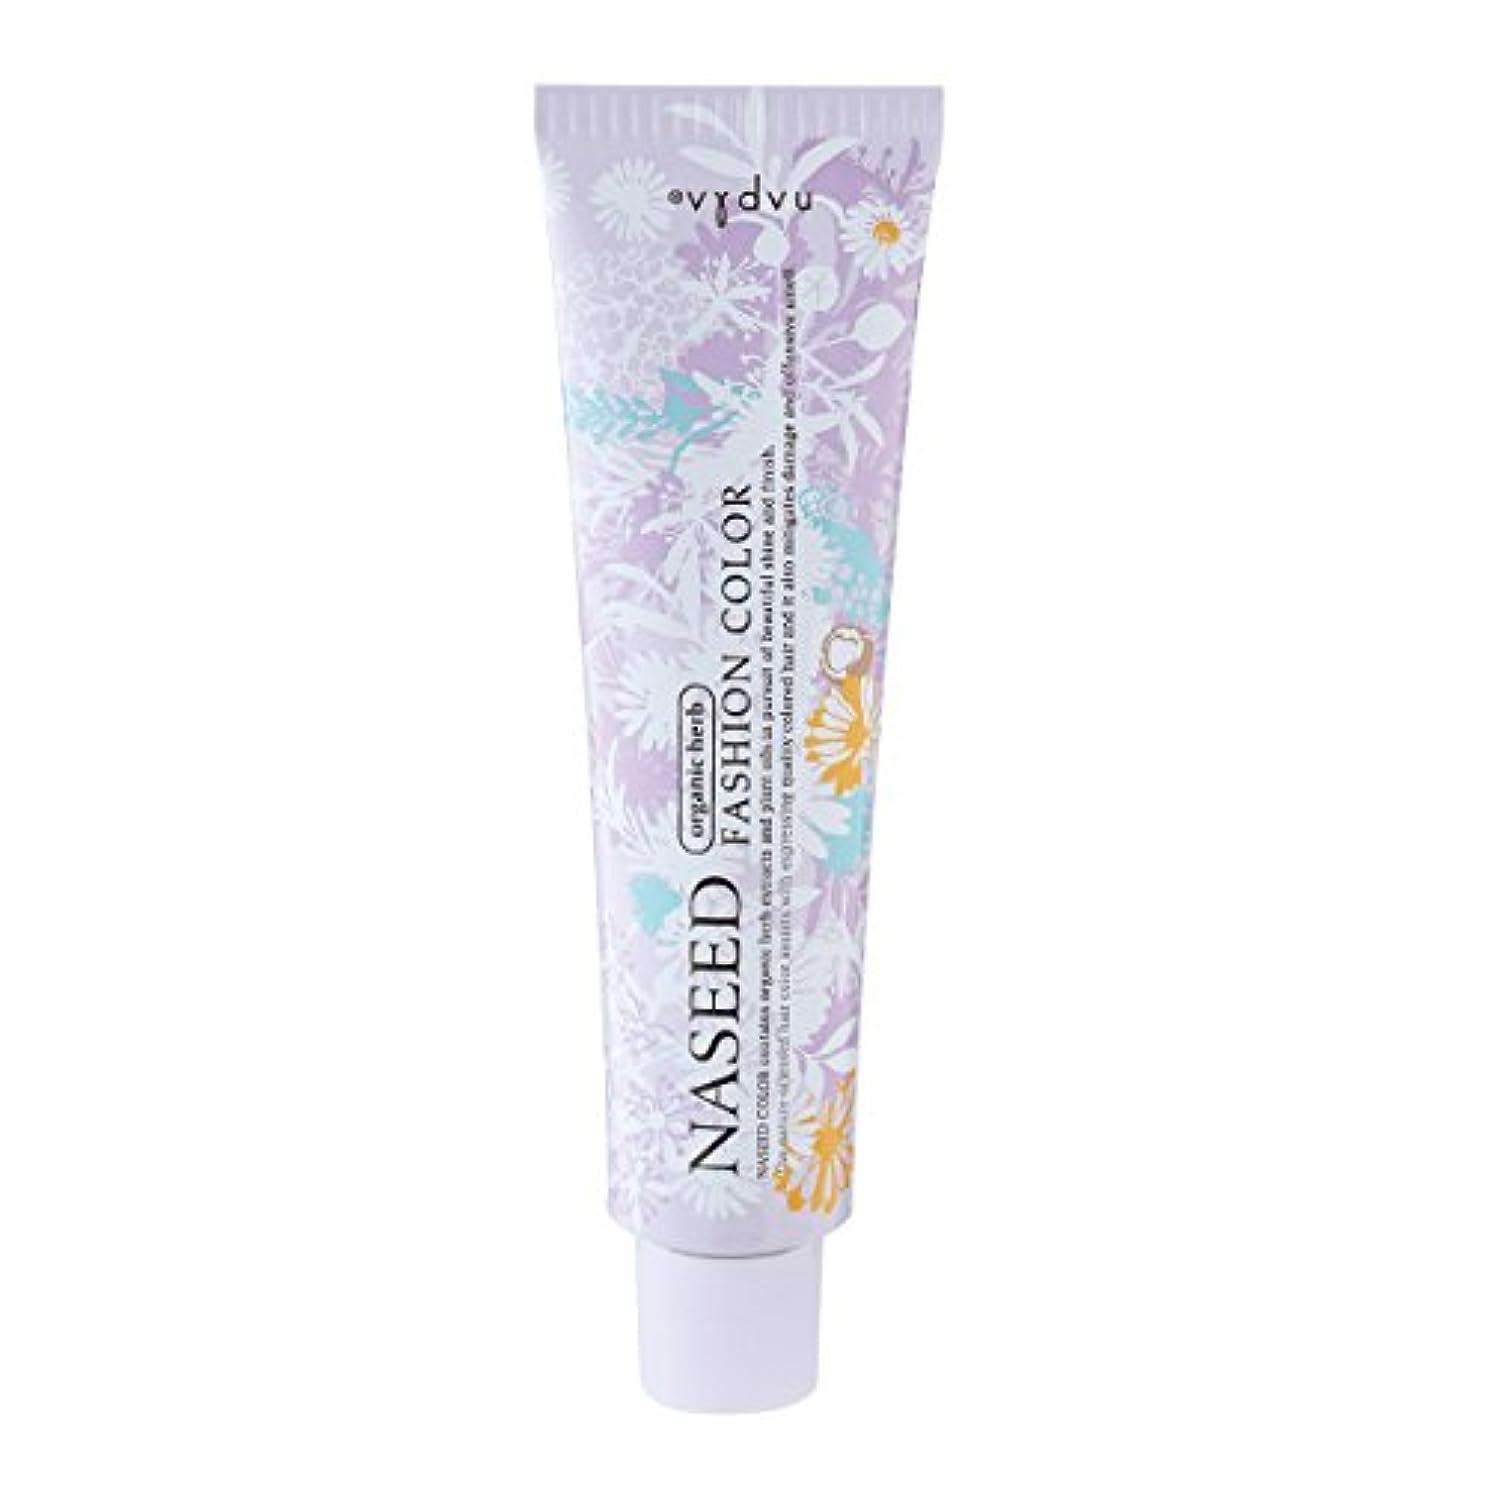 ナプラ ナシードカラー ナチュラル N-N12 80g (ファッションカラー) 【業務用】 【ヘアカラー1剤】